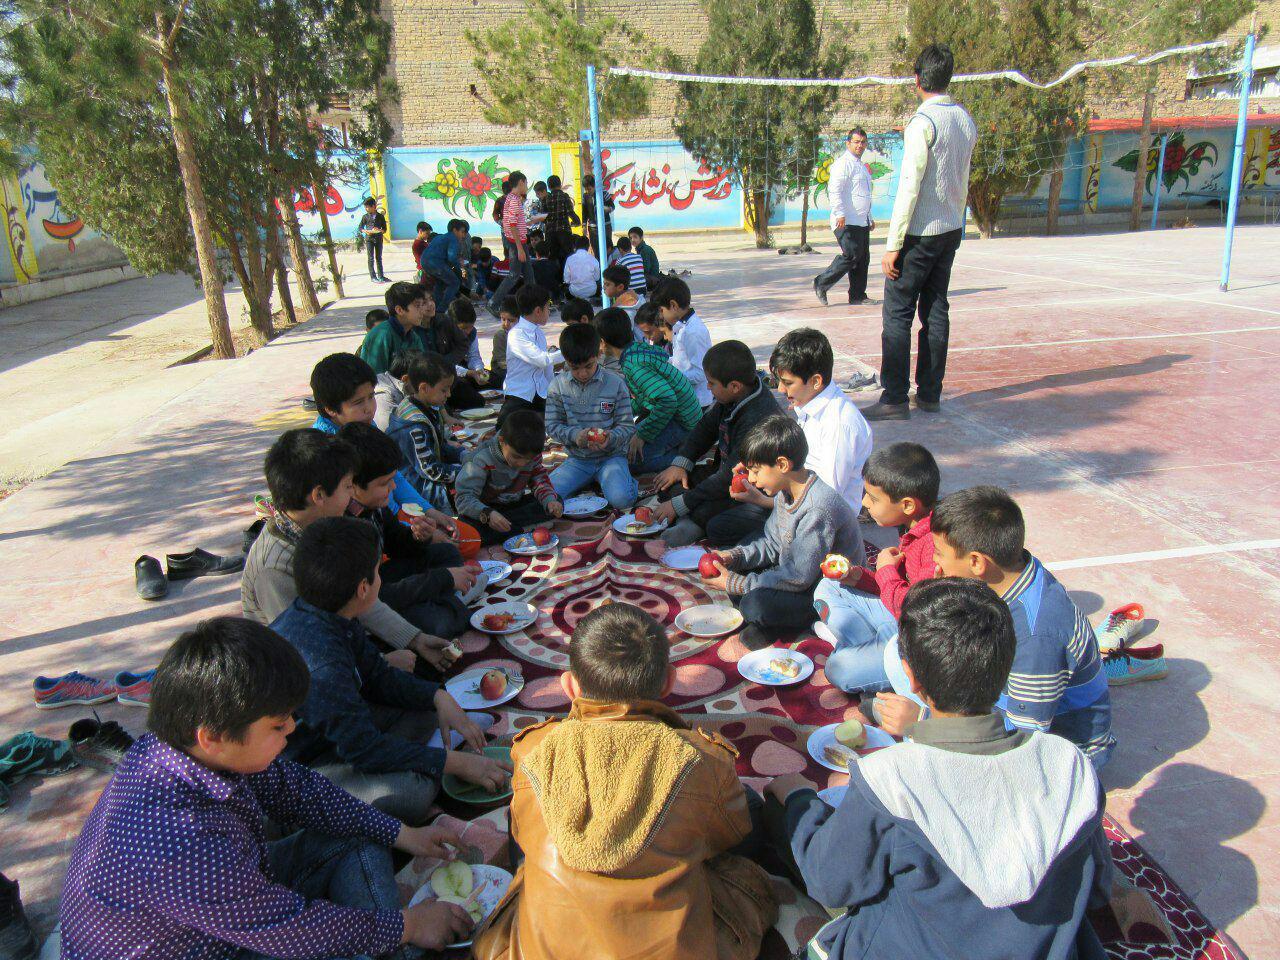 پذیرایی از دانش آموزان در روز بدون کیف